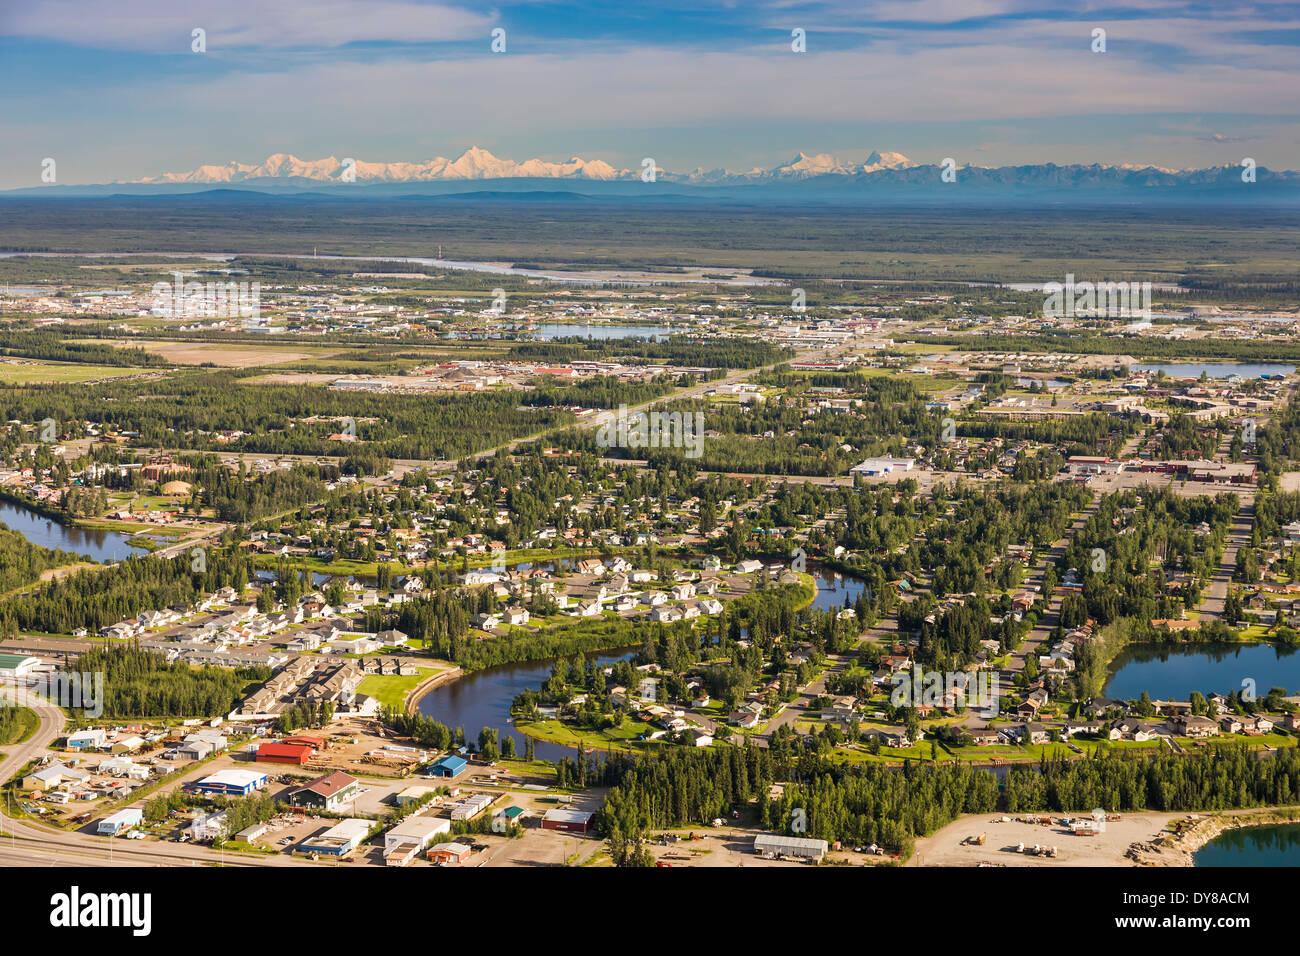 La città di Fairbanks situato nella valle Tanana appartamenti con l'Alaska Range montagne nel lontano orizzonte Immagini Stock